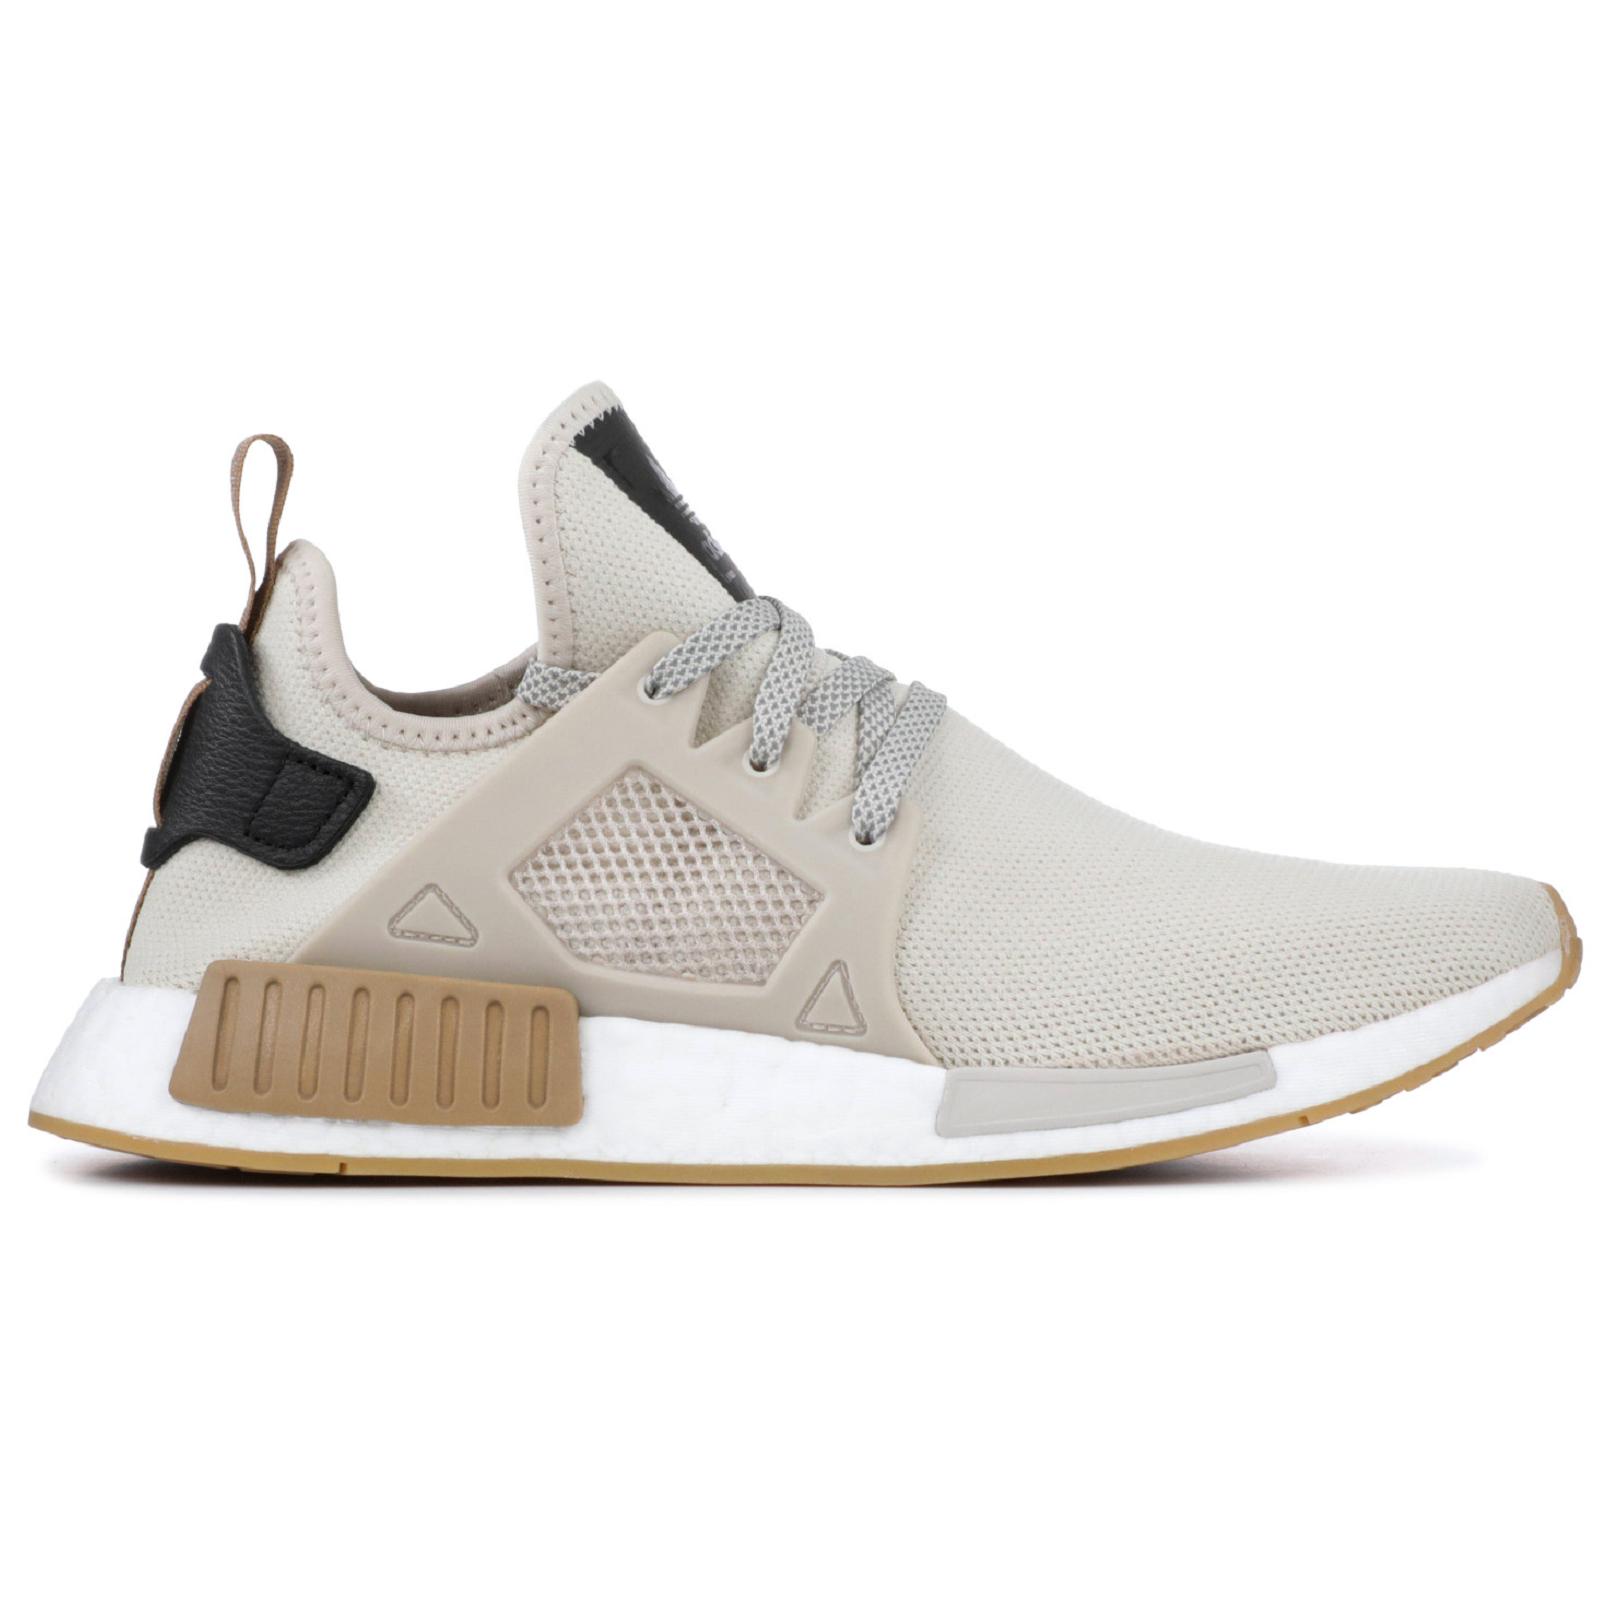 Details zu Adidas Originals NMD XR1 Schuhe Sneaker Turnschuhe Sportschuhe DA9526 WOW SALE